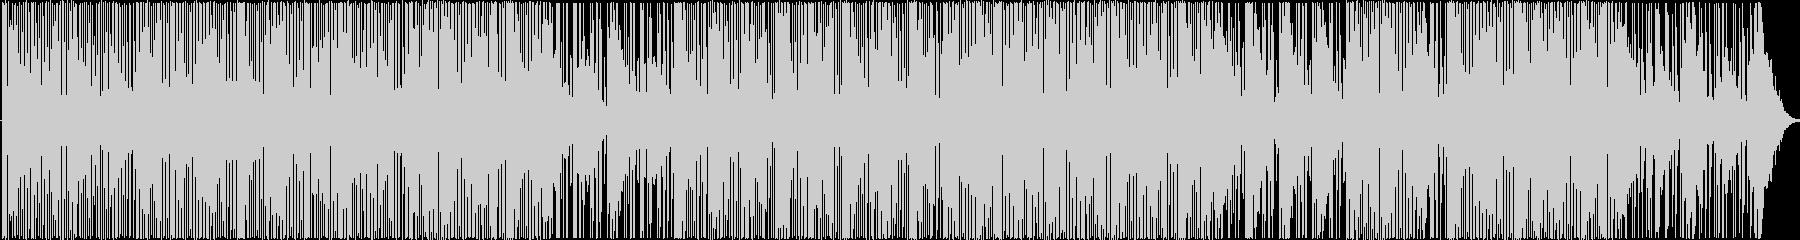 無機質な雰囲気を持つエレクトロニカBGMの未再生の波形